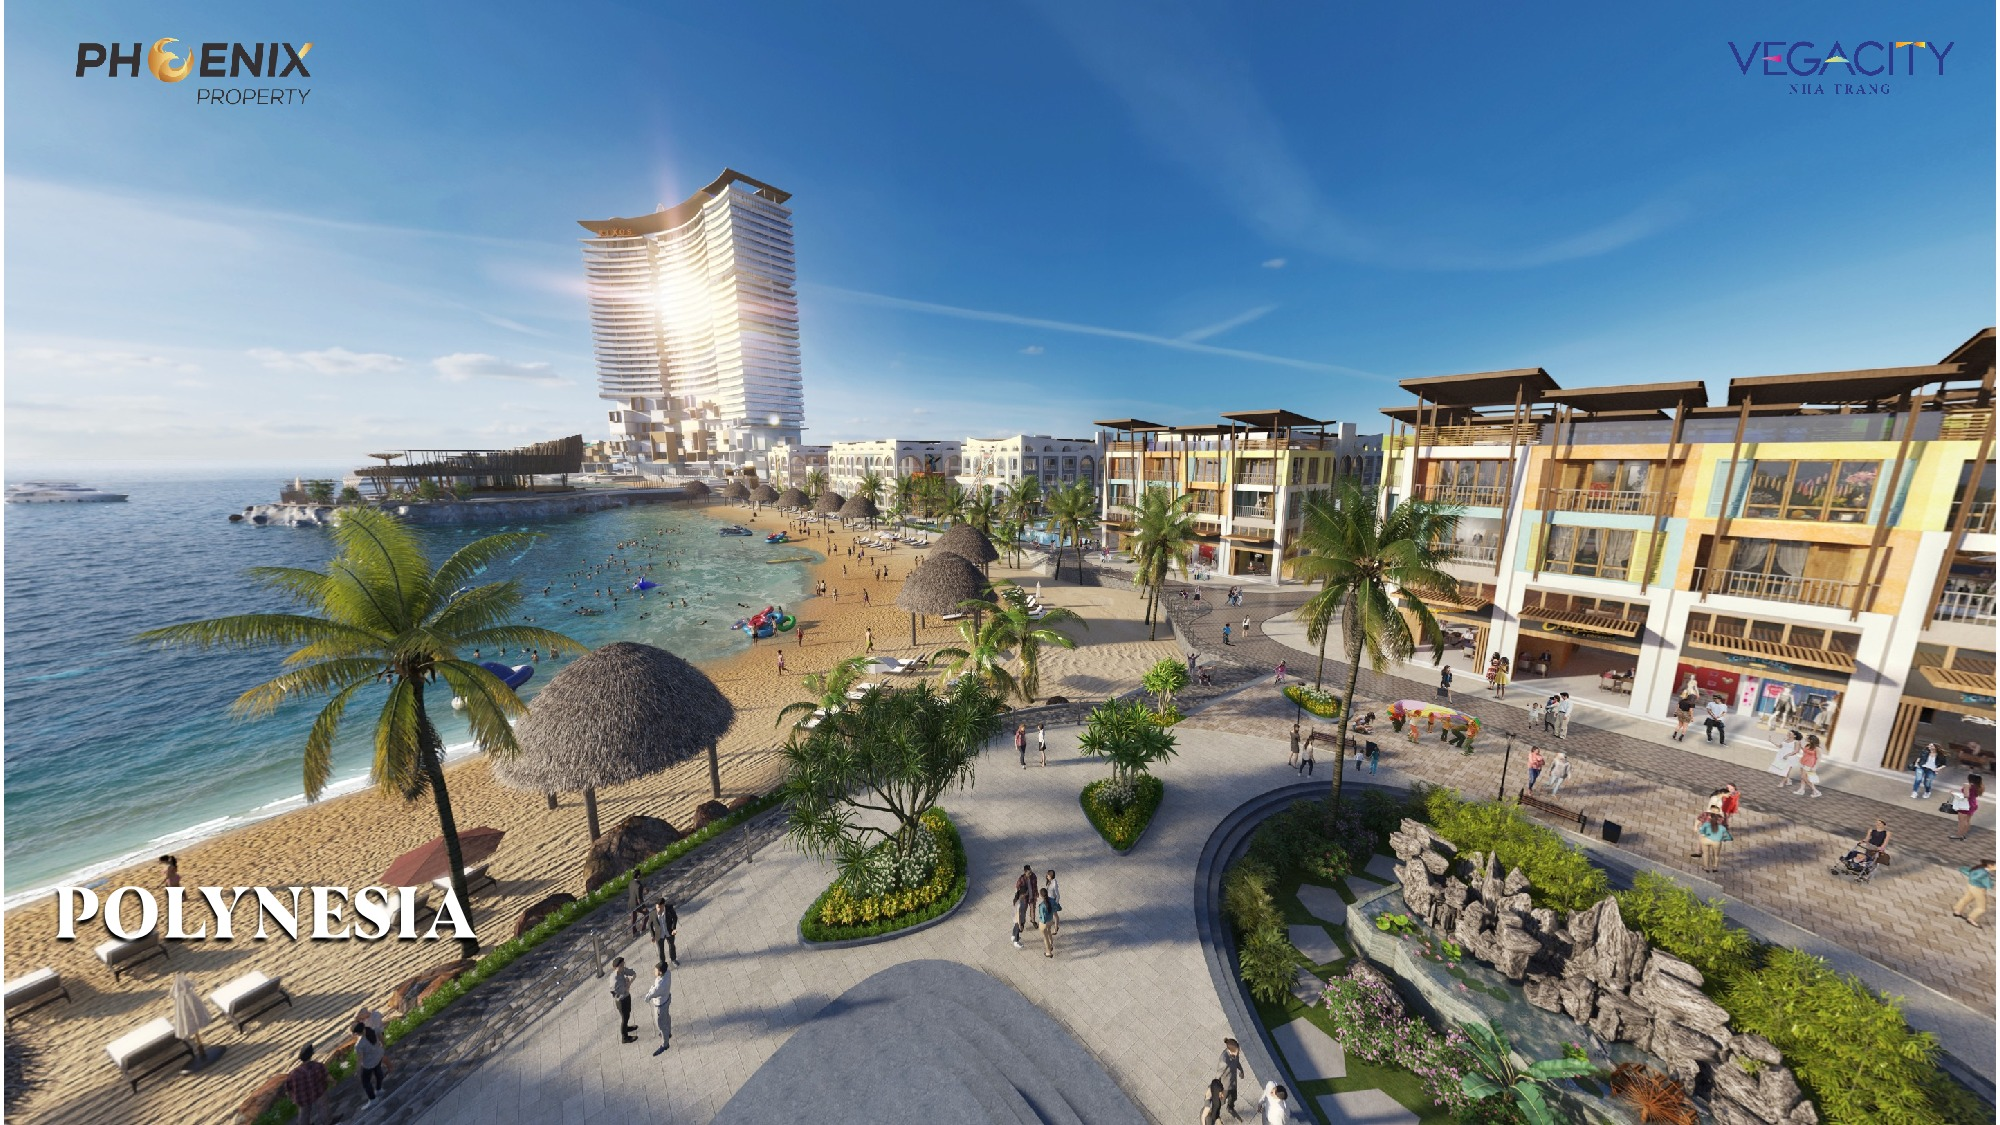 Tiện ích dự án Biệt thự, nhà phố Vega City Bãi Tiên Nha Trang chủ đầu tư KDI Holdings